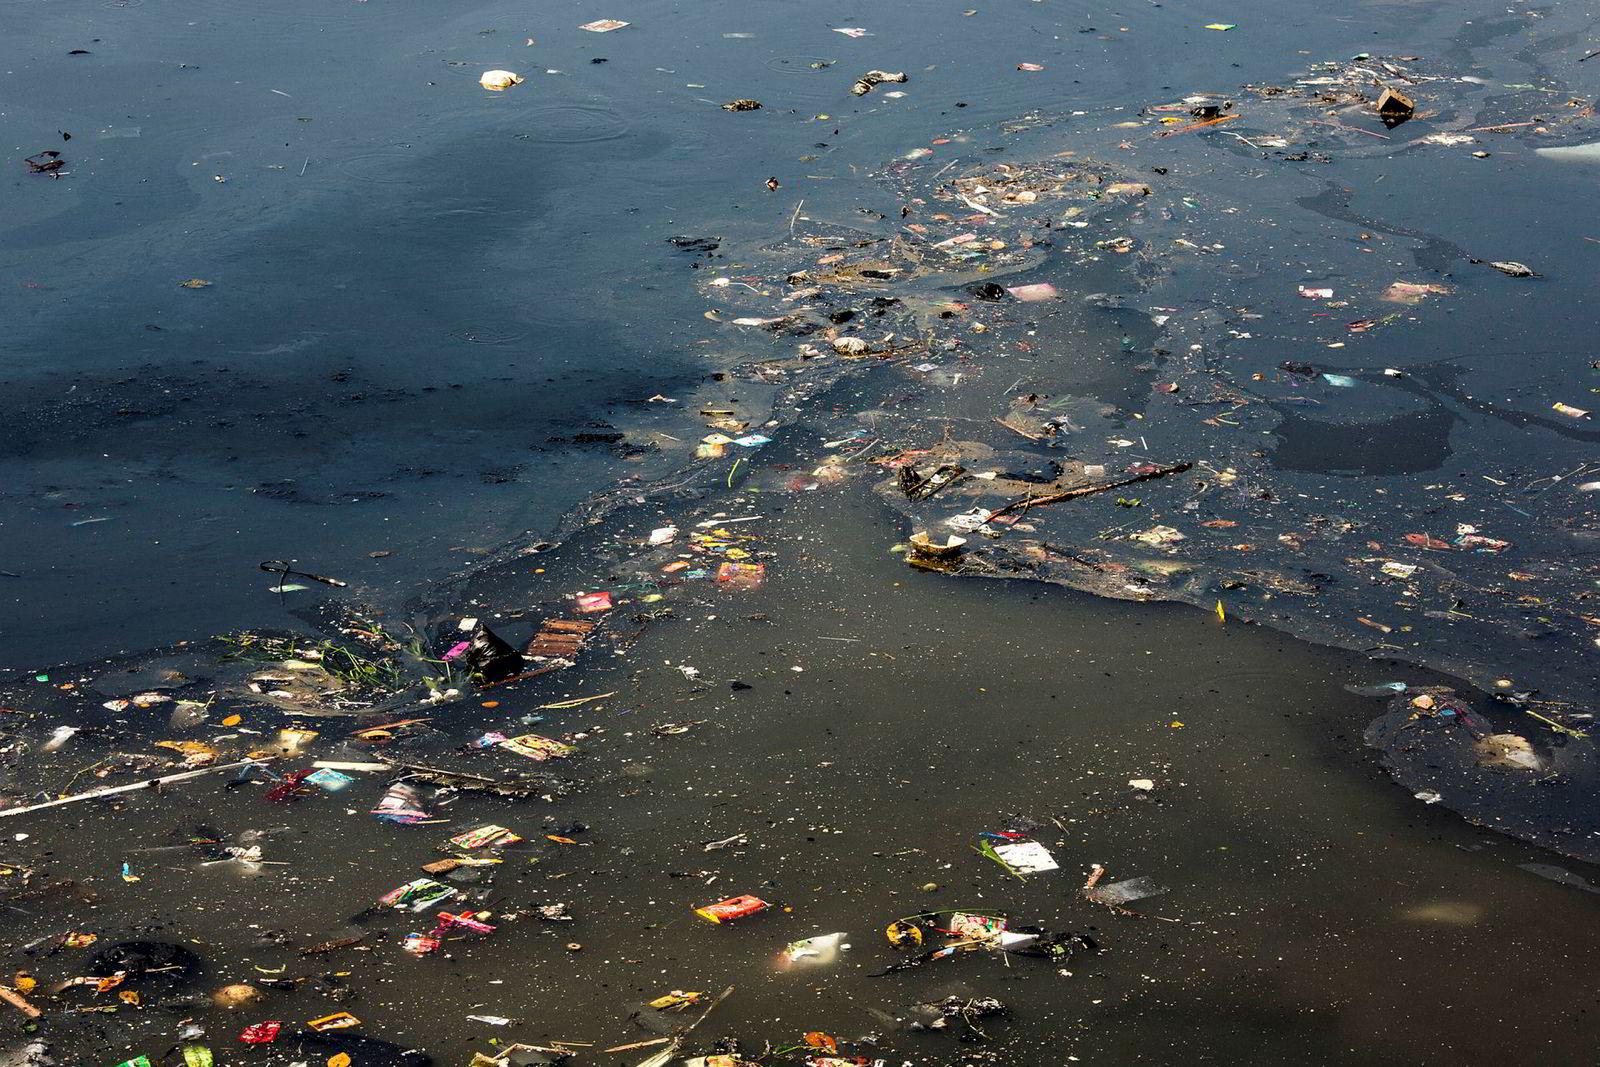 Møkkete vann fra en kanal møter Citarums elvevann utenfor Bandung. Elven er farget svart av industriell forurensning.